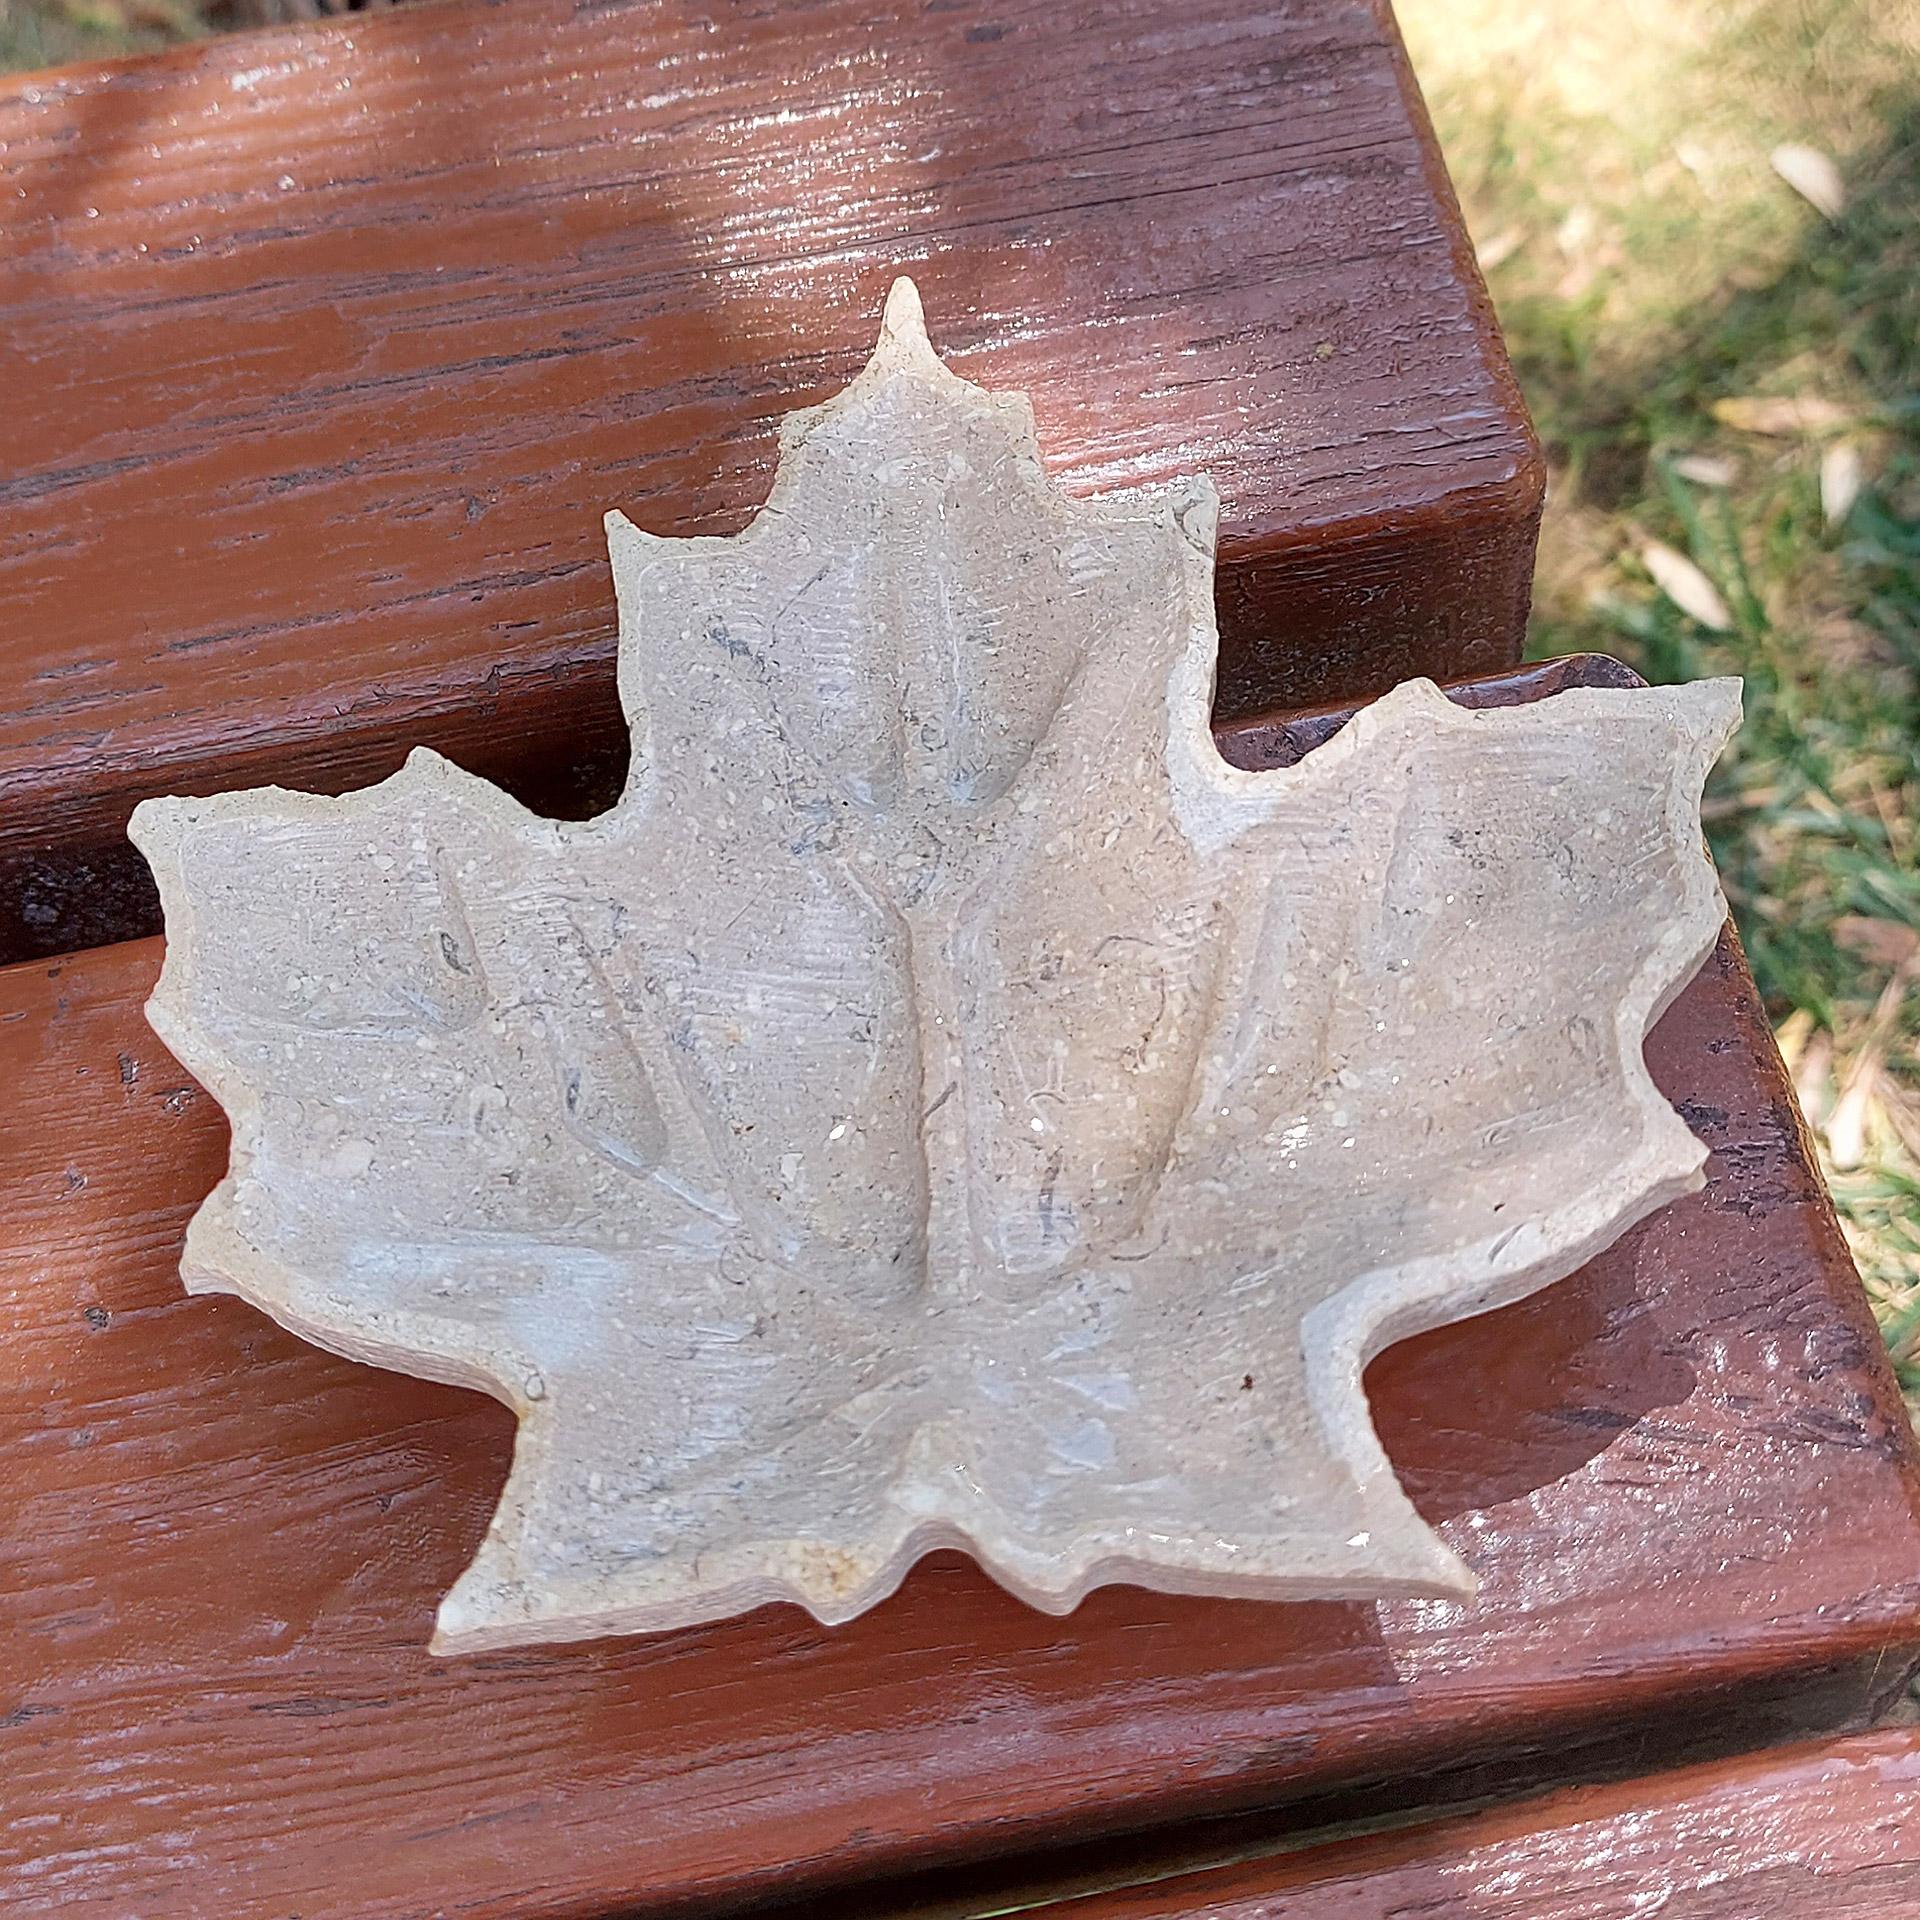 Το μαρμάρινο πλατανόφυλλο Φθινόπωρο στην αυλή